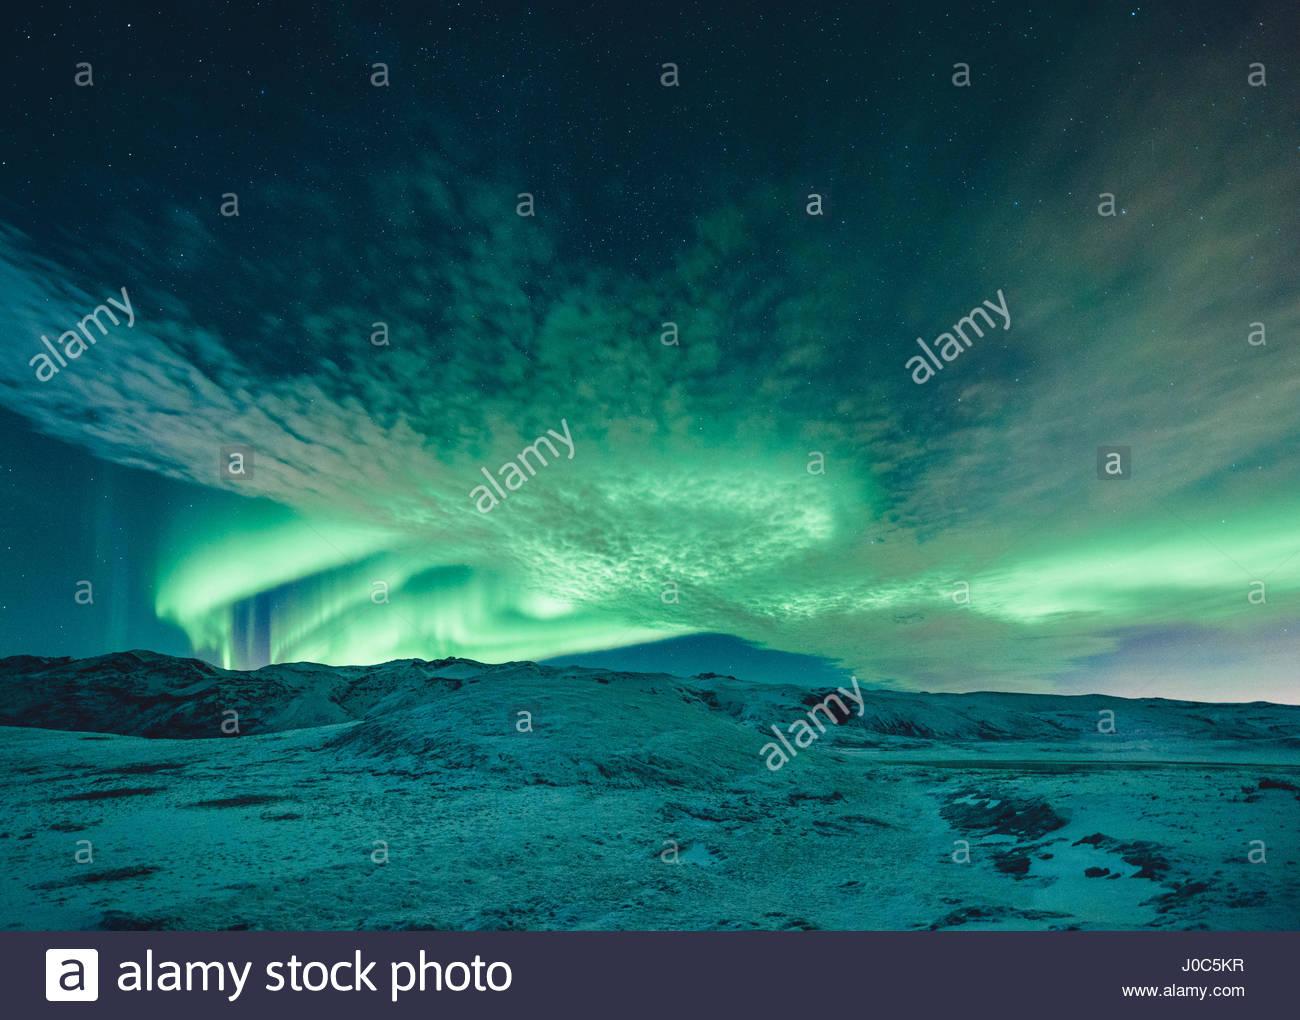 Aurora Borealis swirling vert pâle sur le paysage couvert de neige, le lac Kleifarvatn, Islande Photo Stock